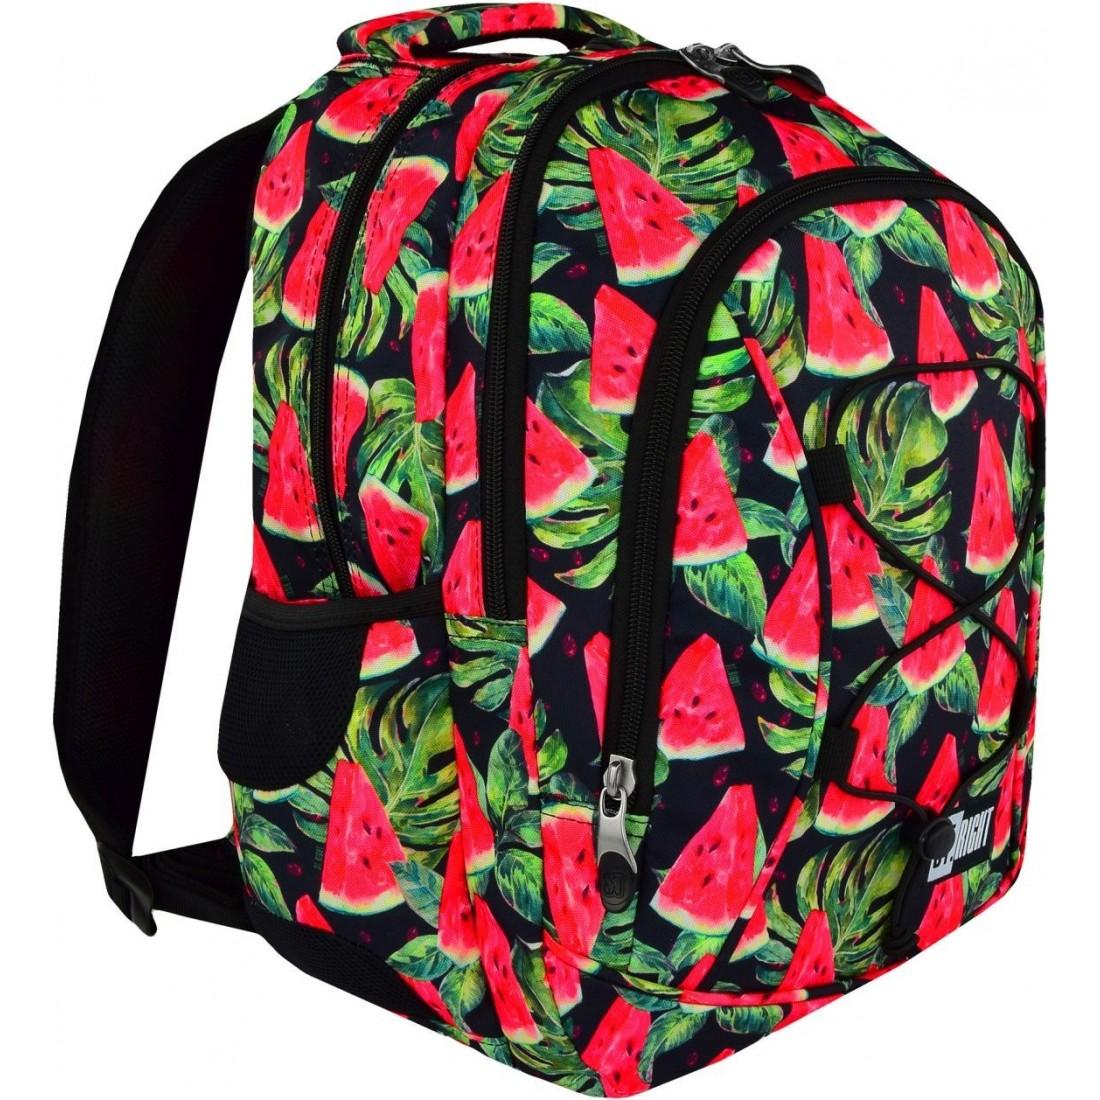 Plecak szkolny ST.RIGHT WATERMELON czerwony arbuz BP32